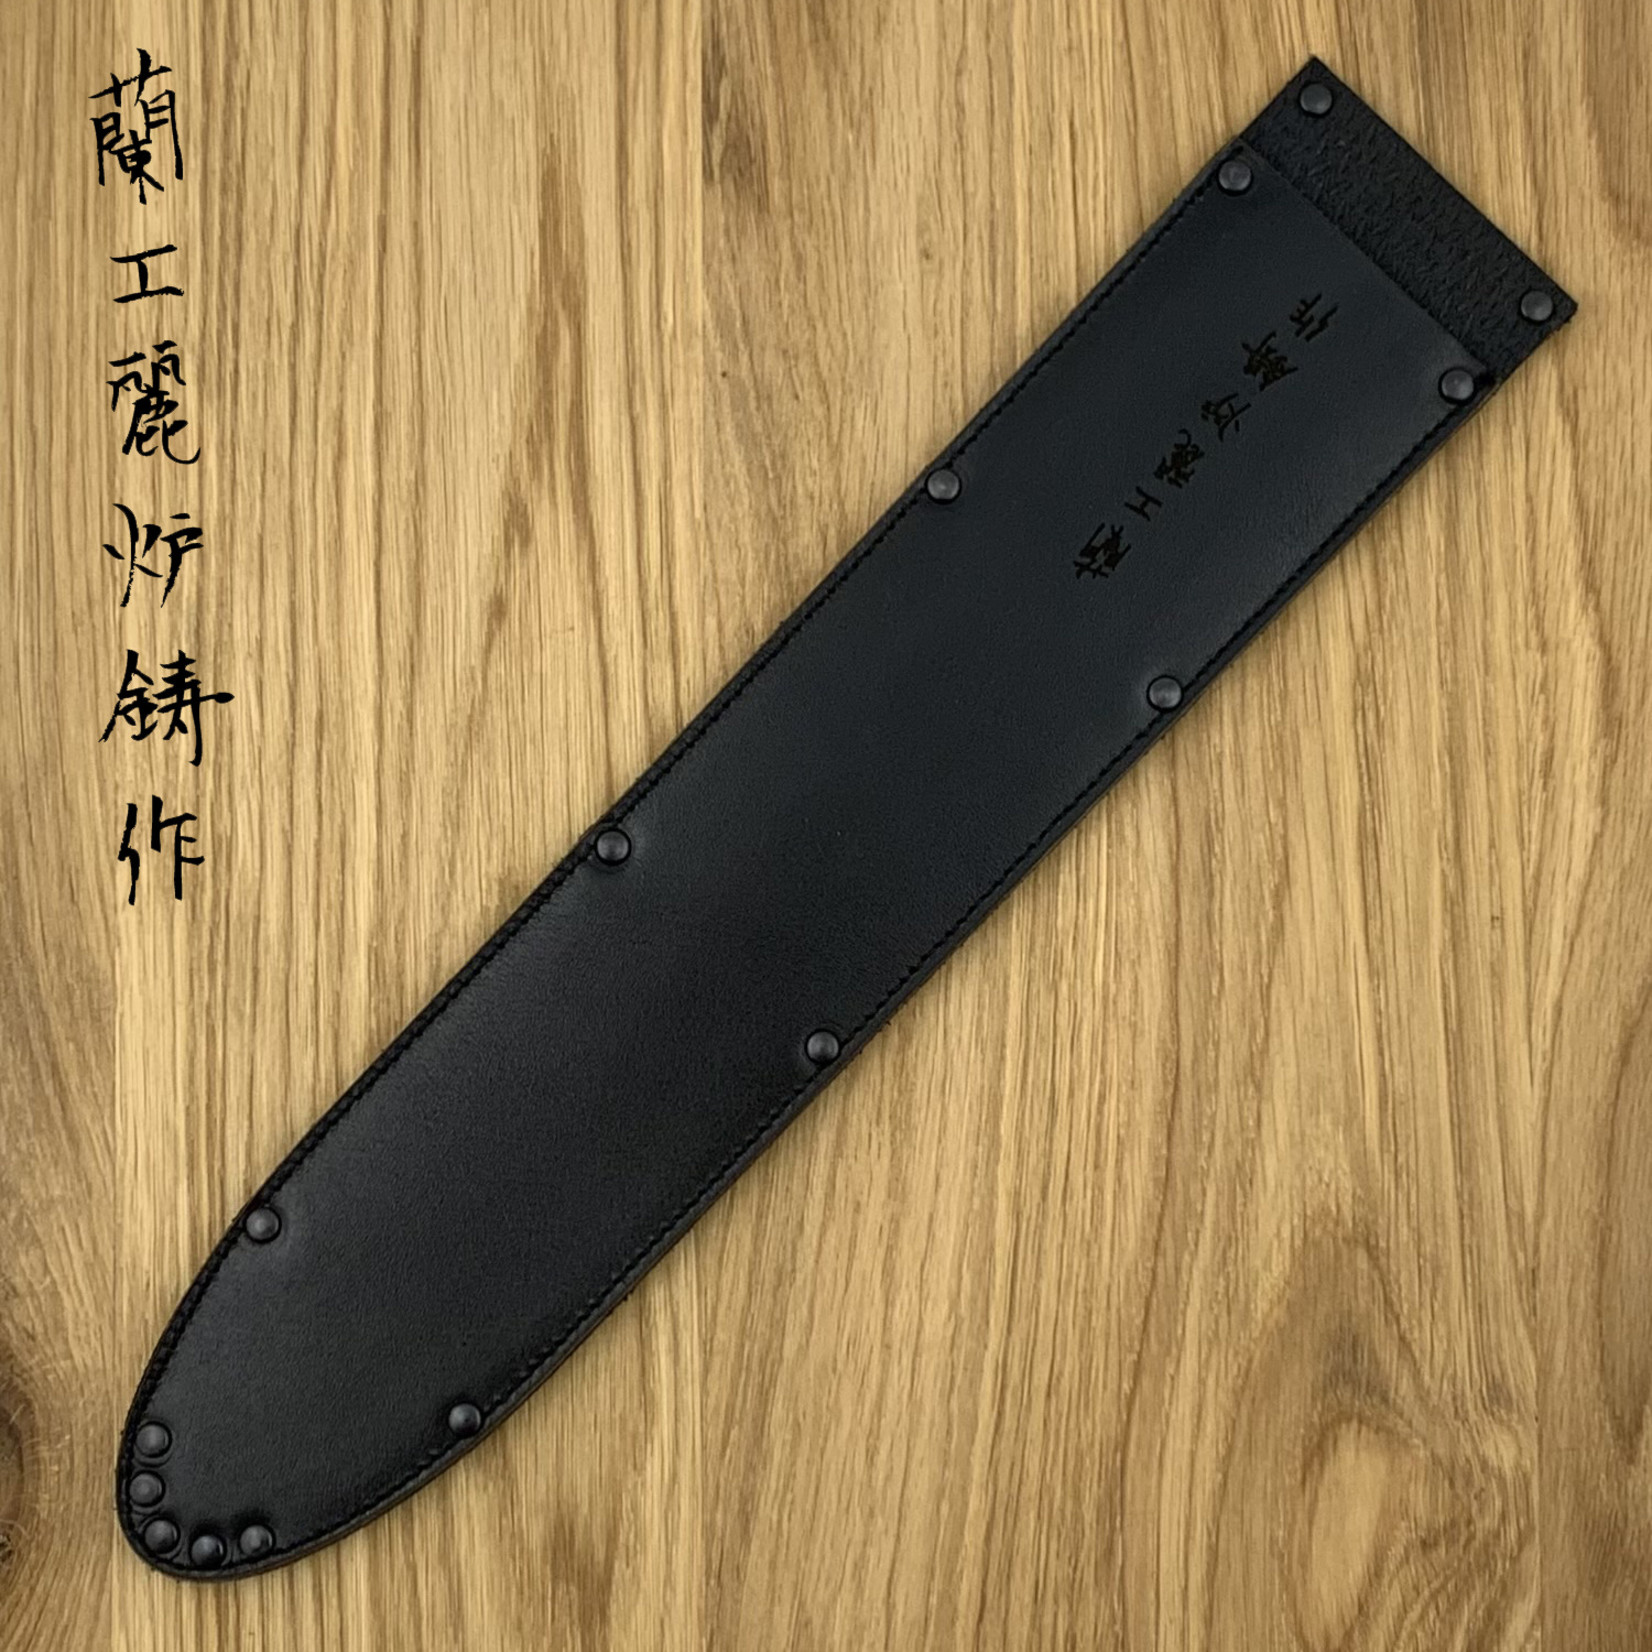 WUNSCHLEDER Saya Sujihiki wide 300 mm black